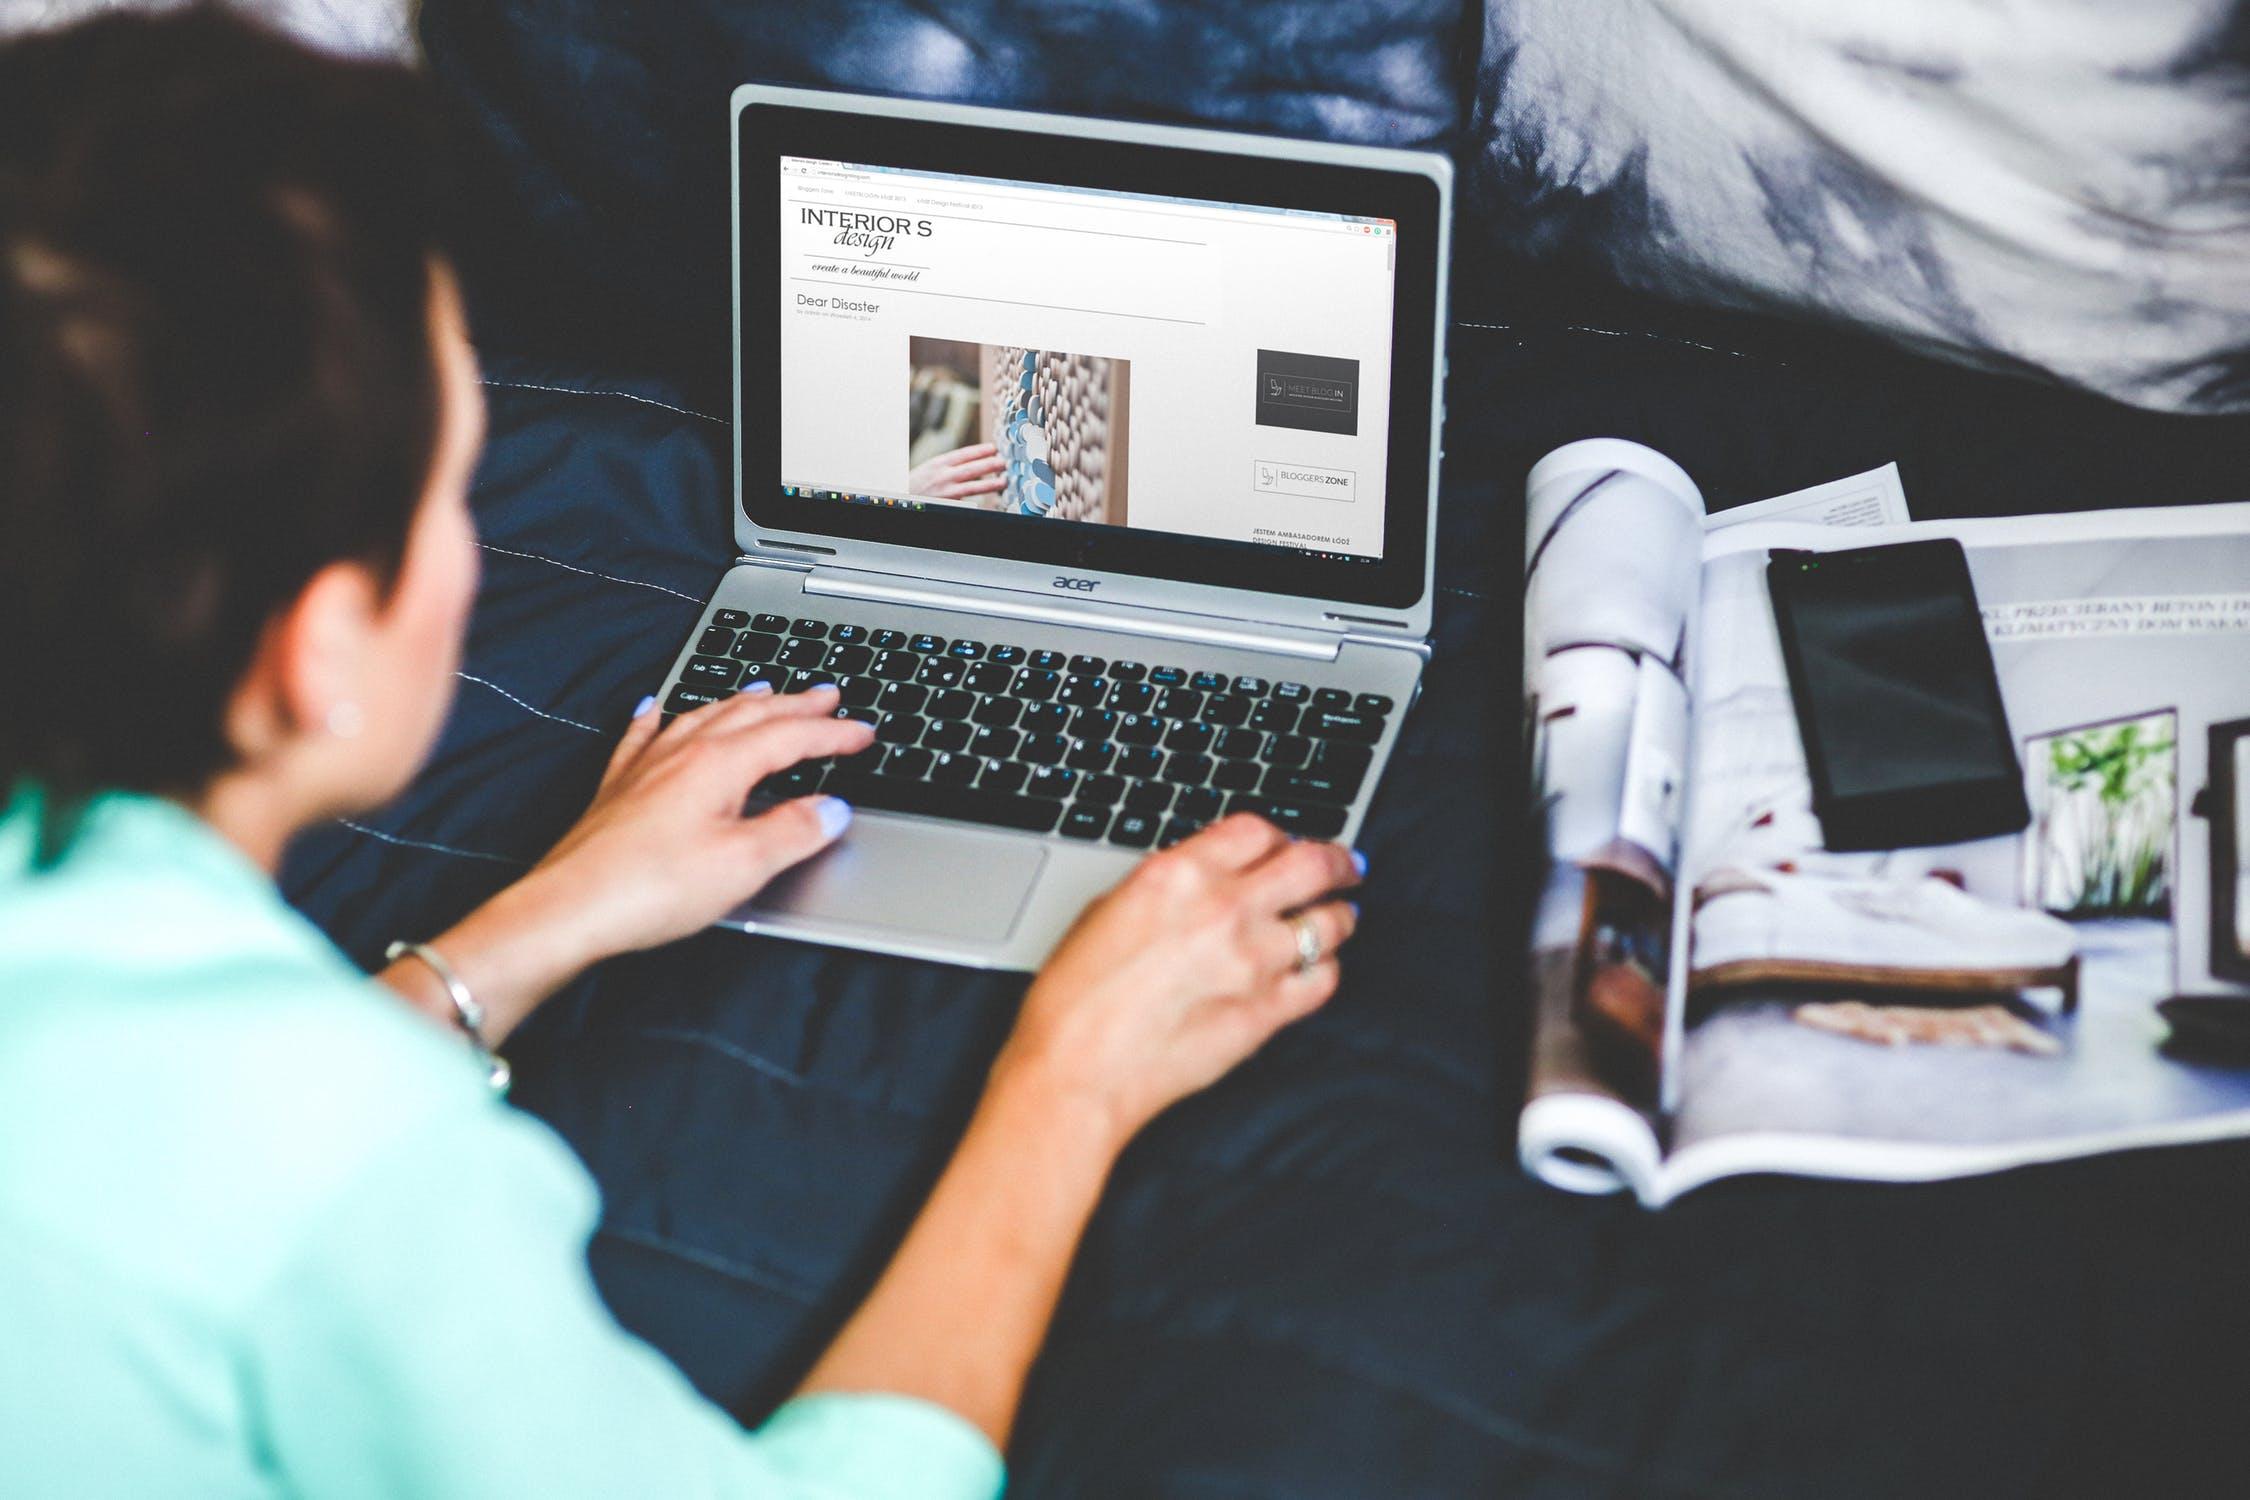 Kā izveidot nišas mājaslapu – pelni līdz pat 3000 eiro mēnesī!